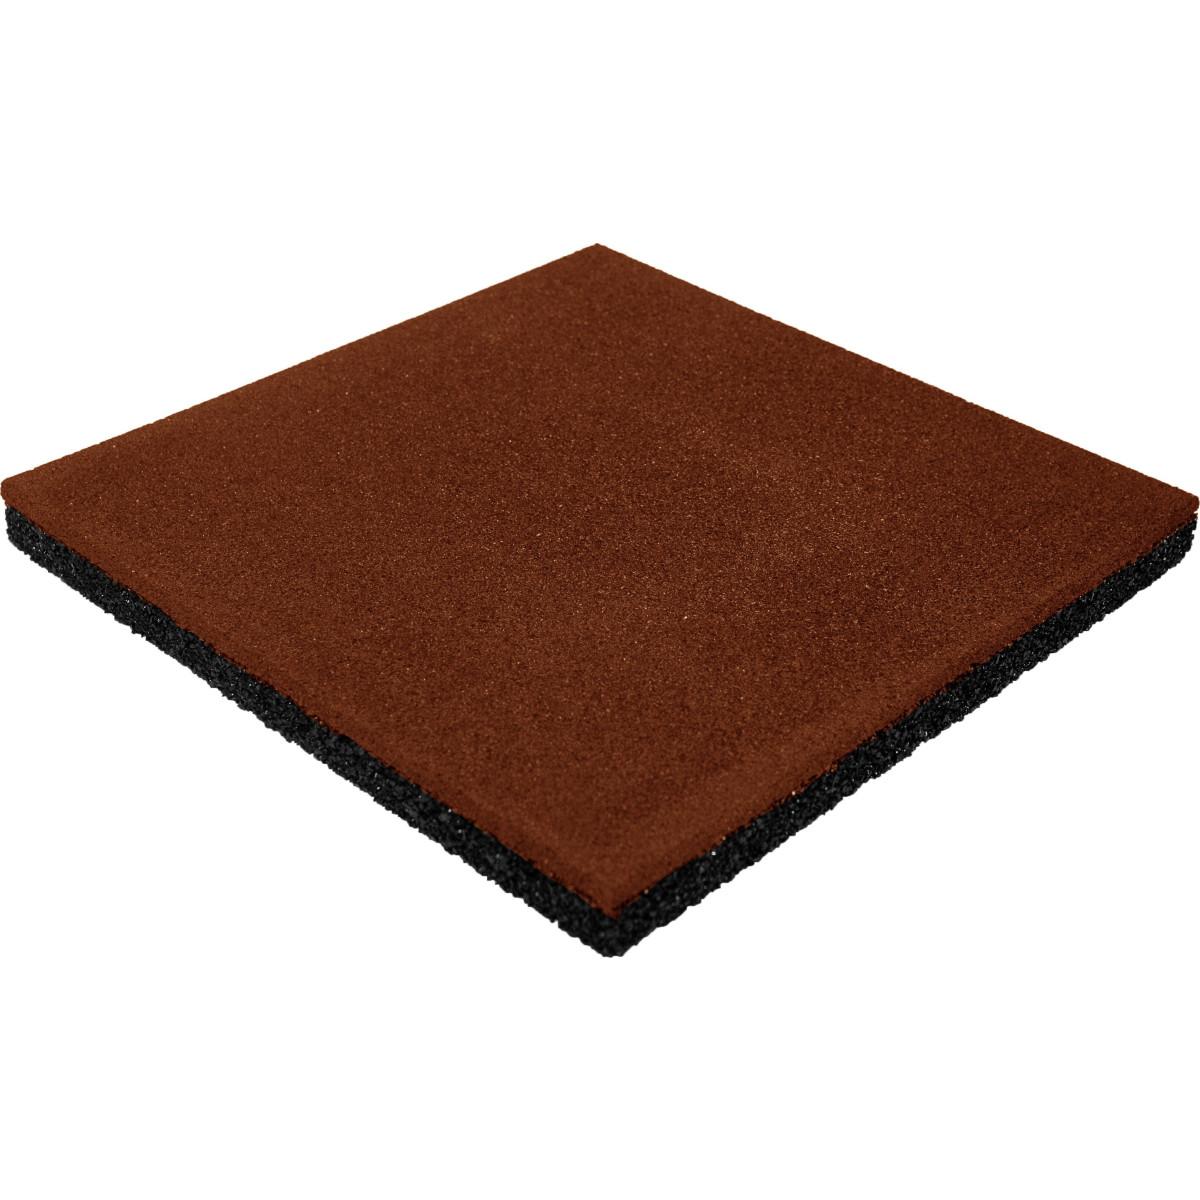 Плитка резиновая 500х500х40 пуансон терракот